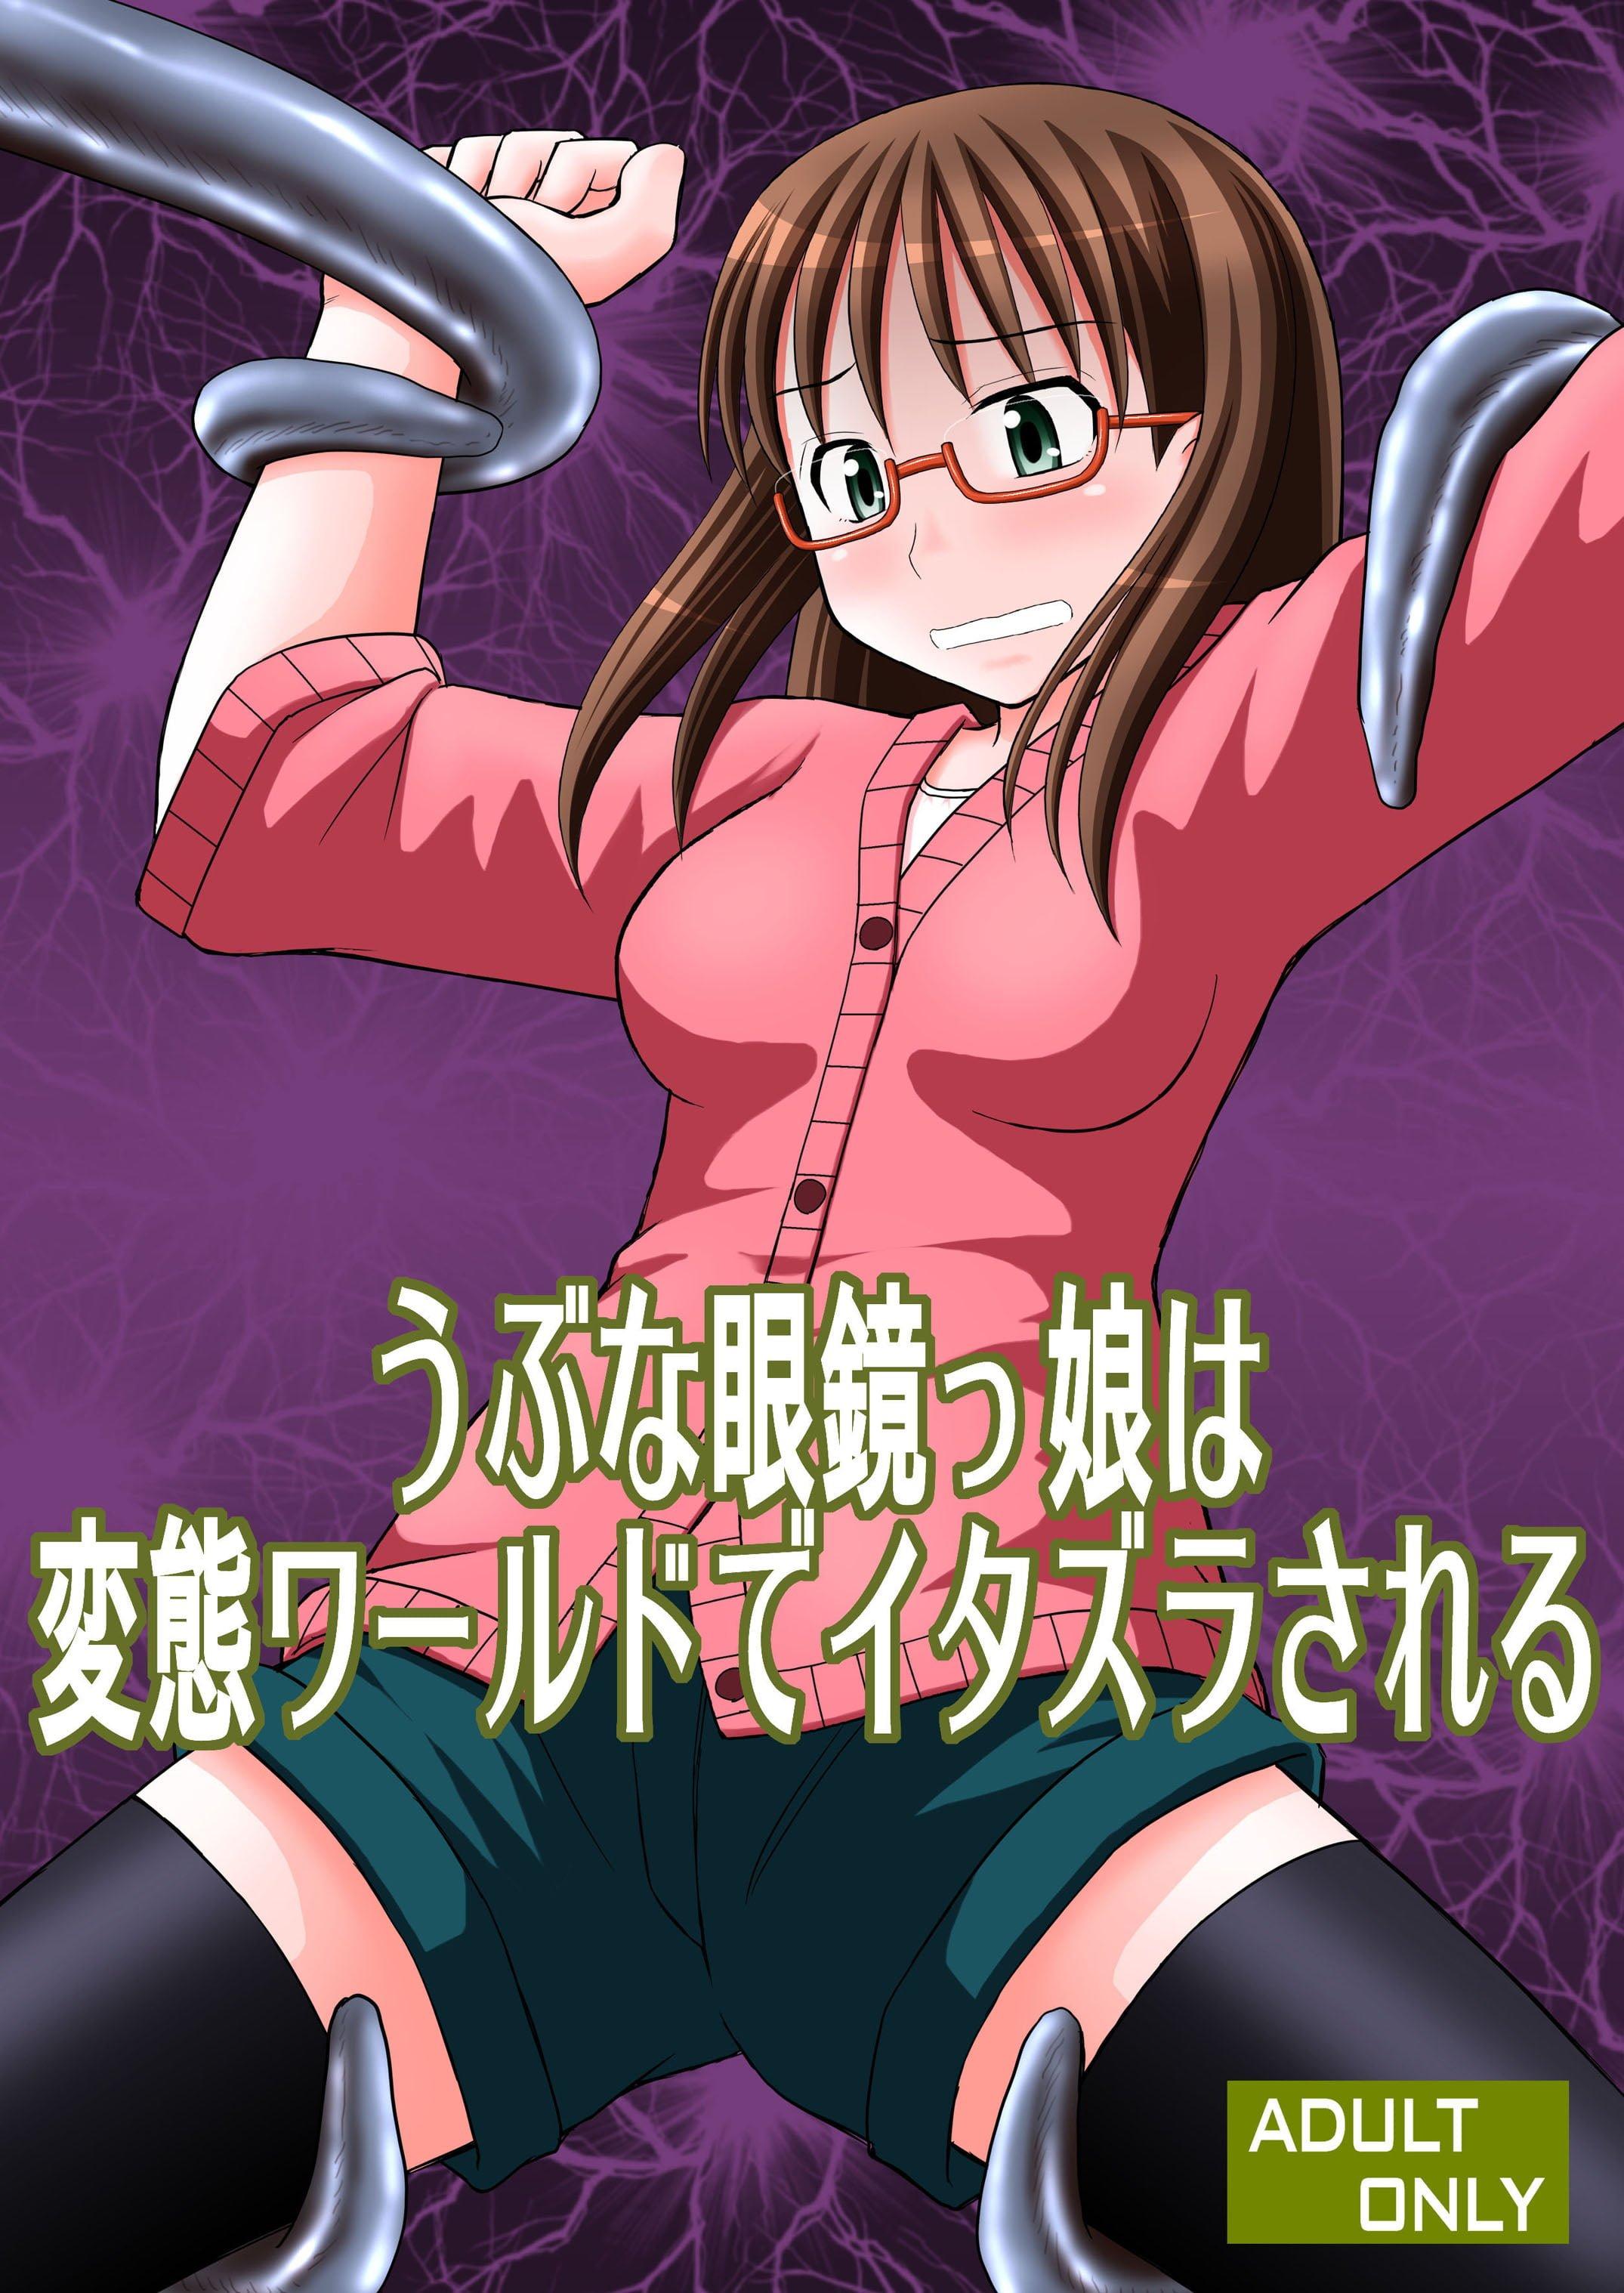 【よんアザ】うぶな眼鏡っ娘の佐隈さんが山イモを注入されたり、膣内で放尿されたり…。